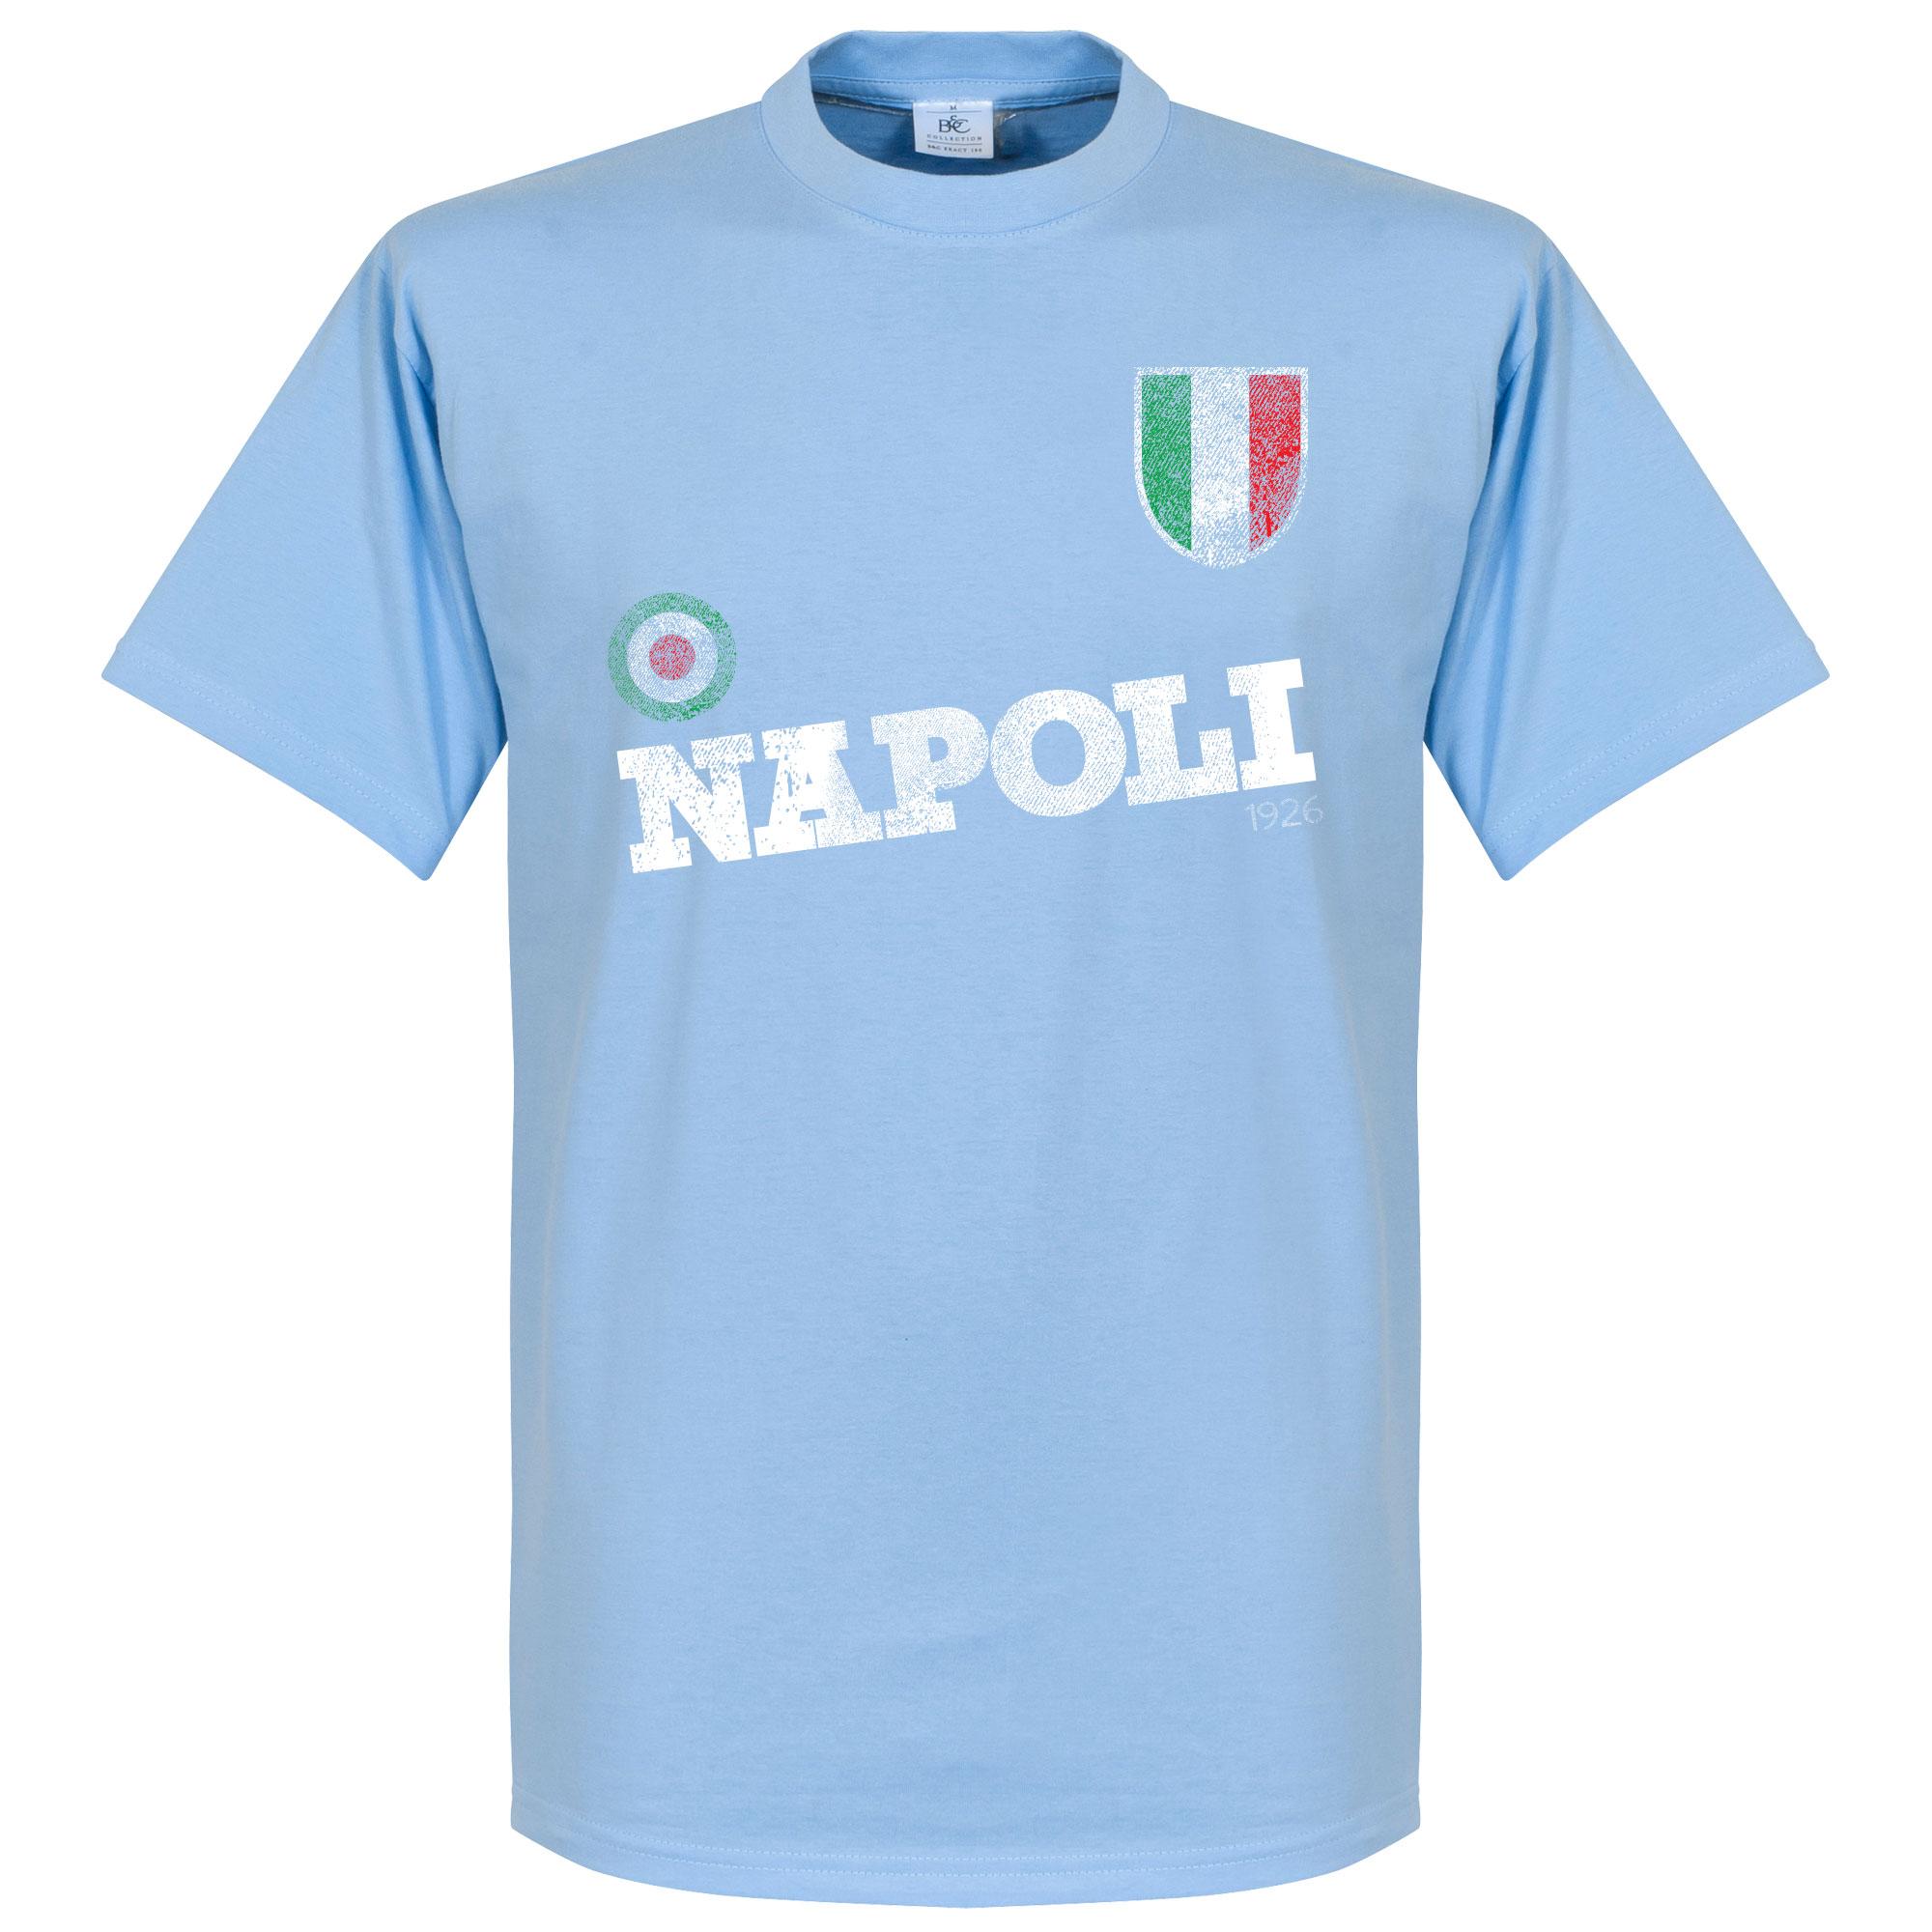 Napoli Coppa Italia Tee - Sky - XS